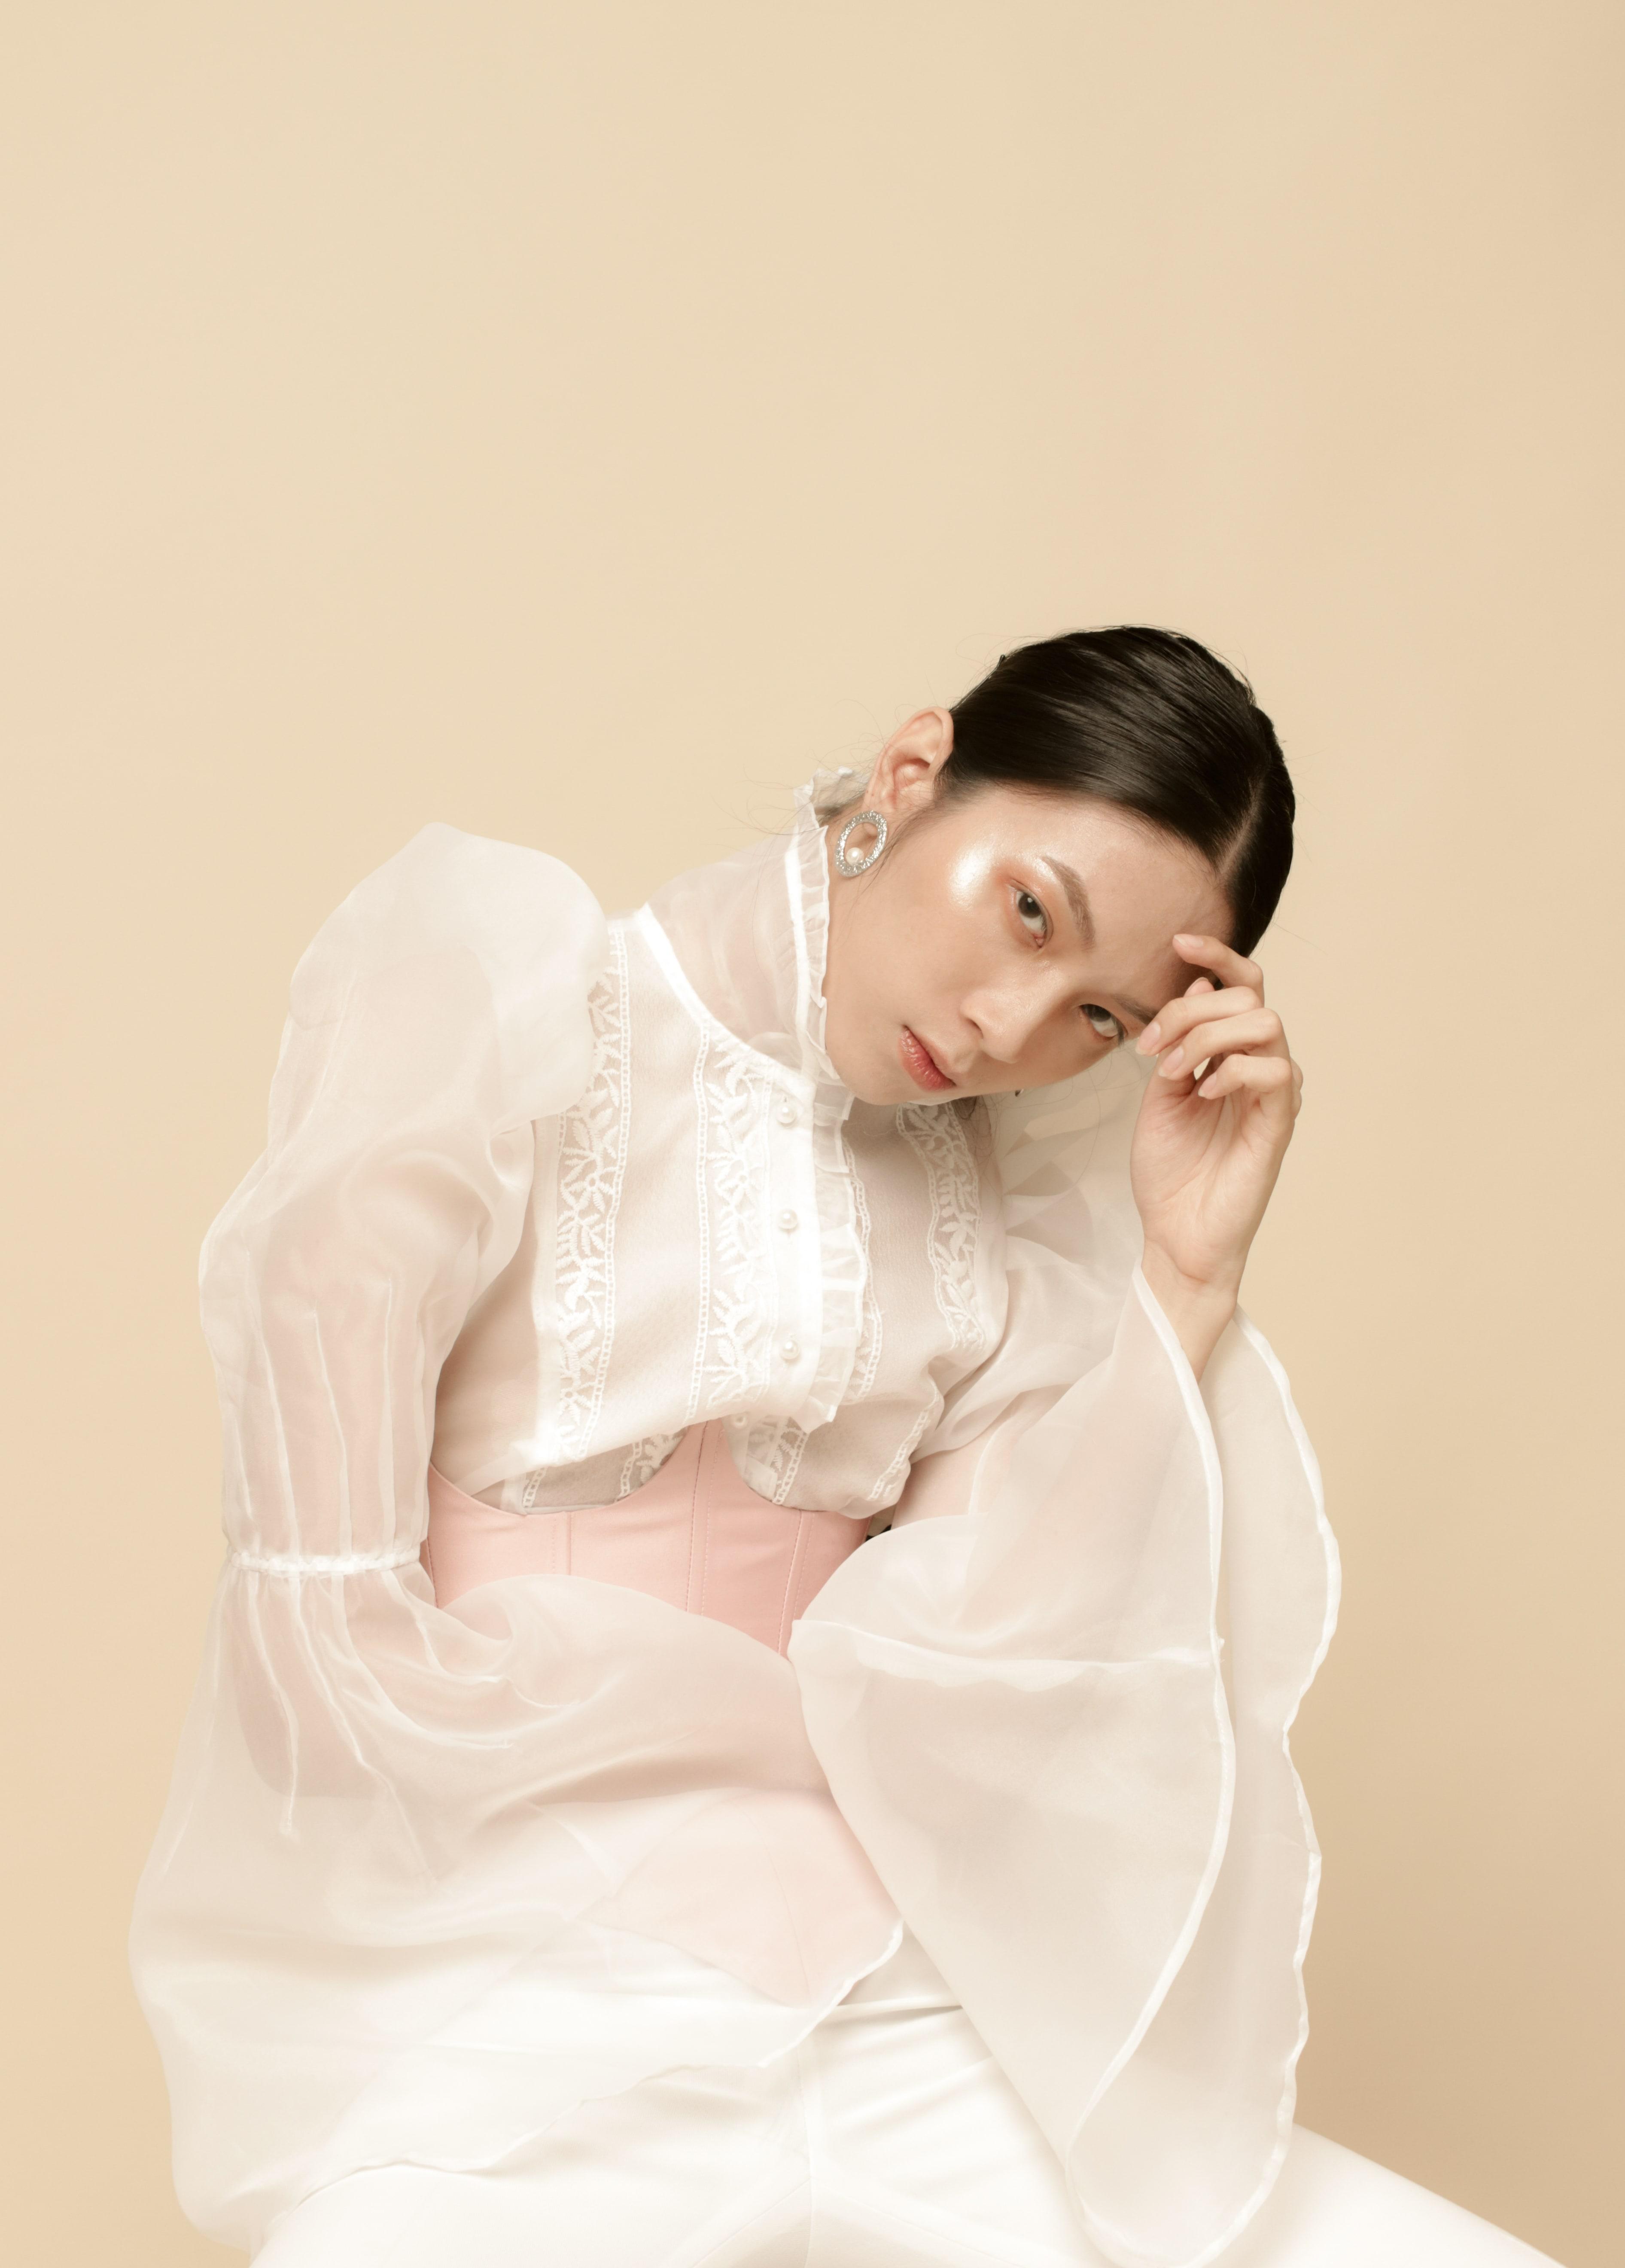 Vẻ đẹp của nữ sinh Việt ngành Thiết kế được cư dân mạng Trung Quốc hết lời khen xinh - 8